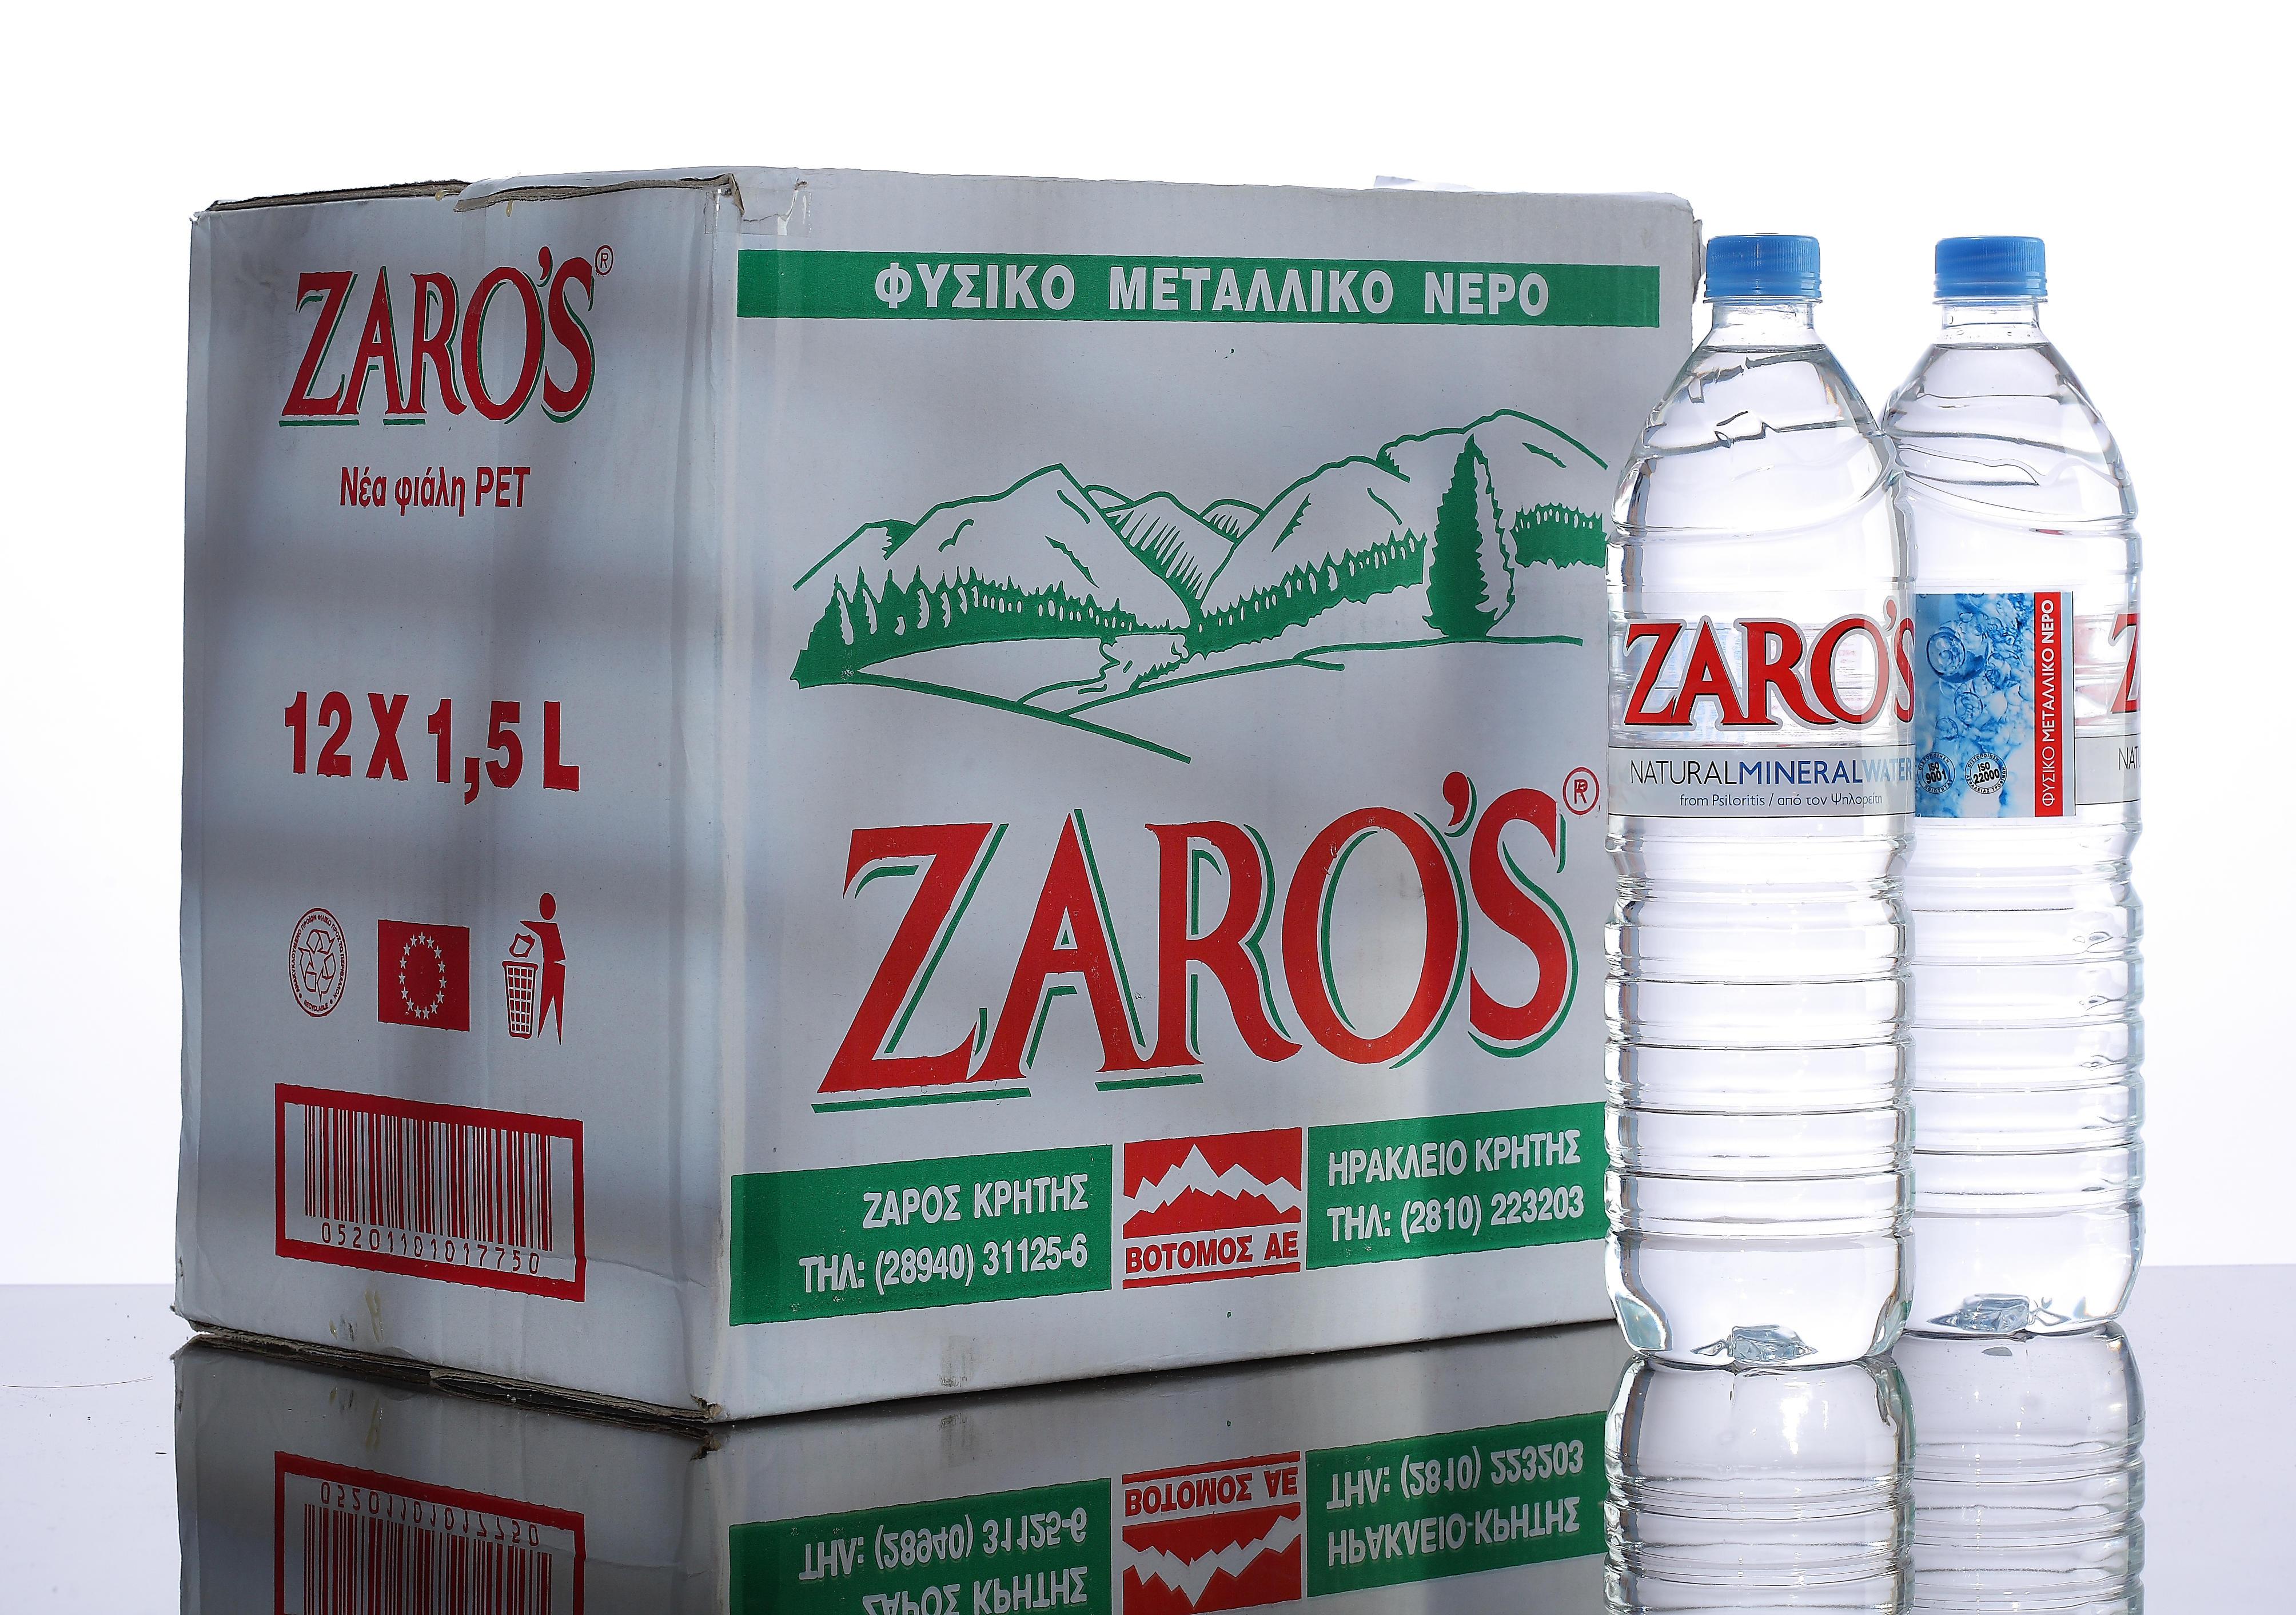 ZARO'S